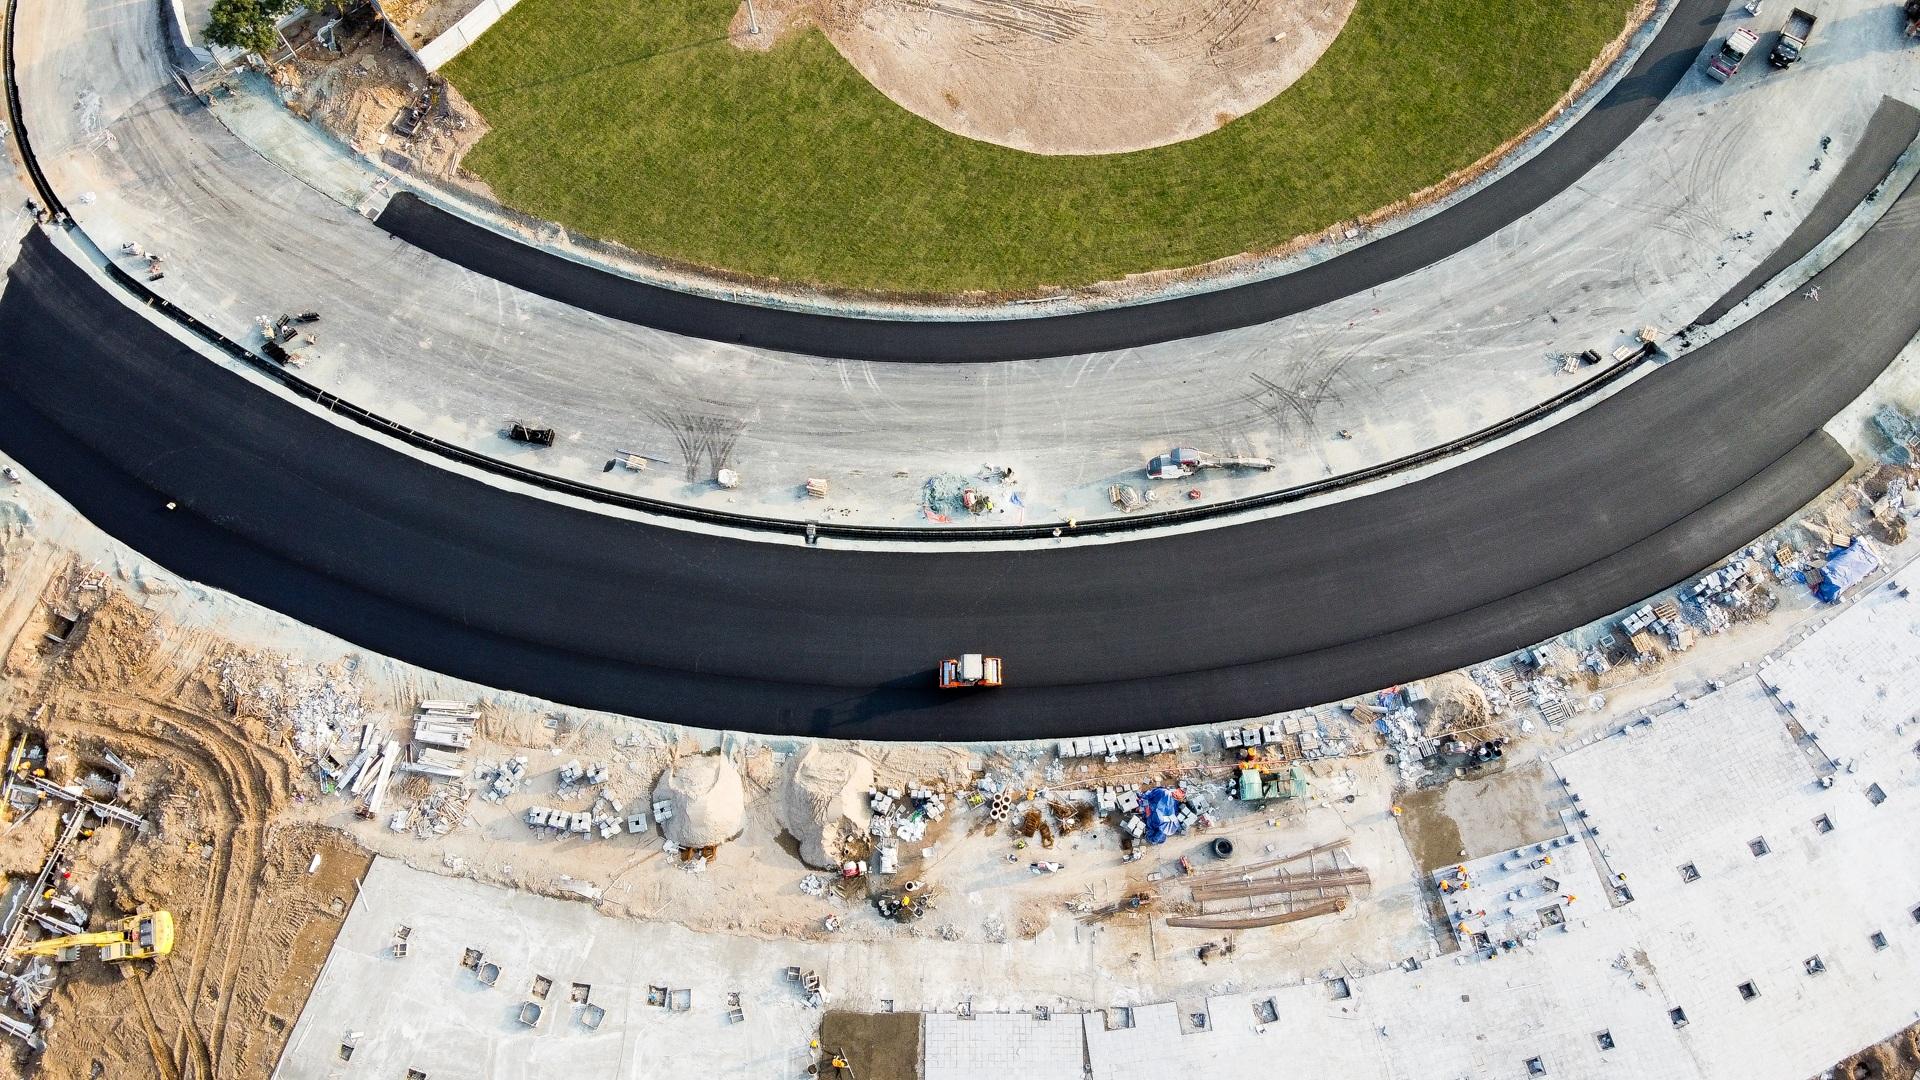 Hà Nội: Được trải thảm nhựa, đường đua F1 dần hiện hình - 1